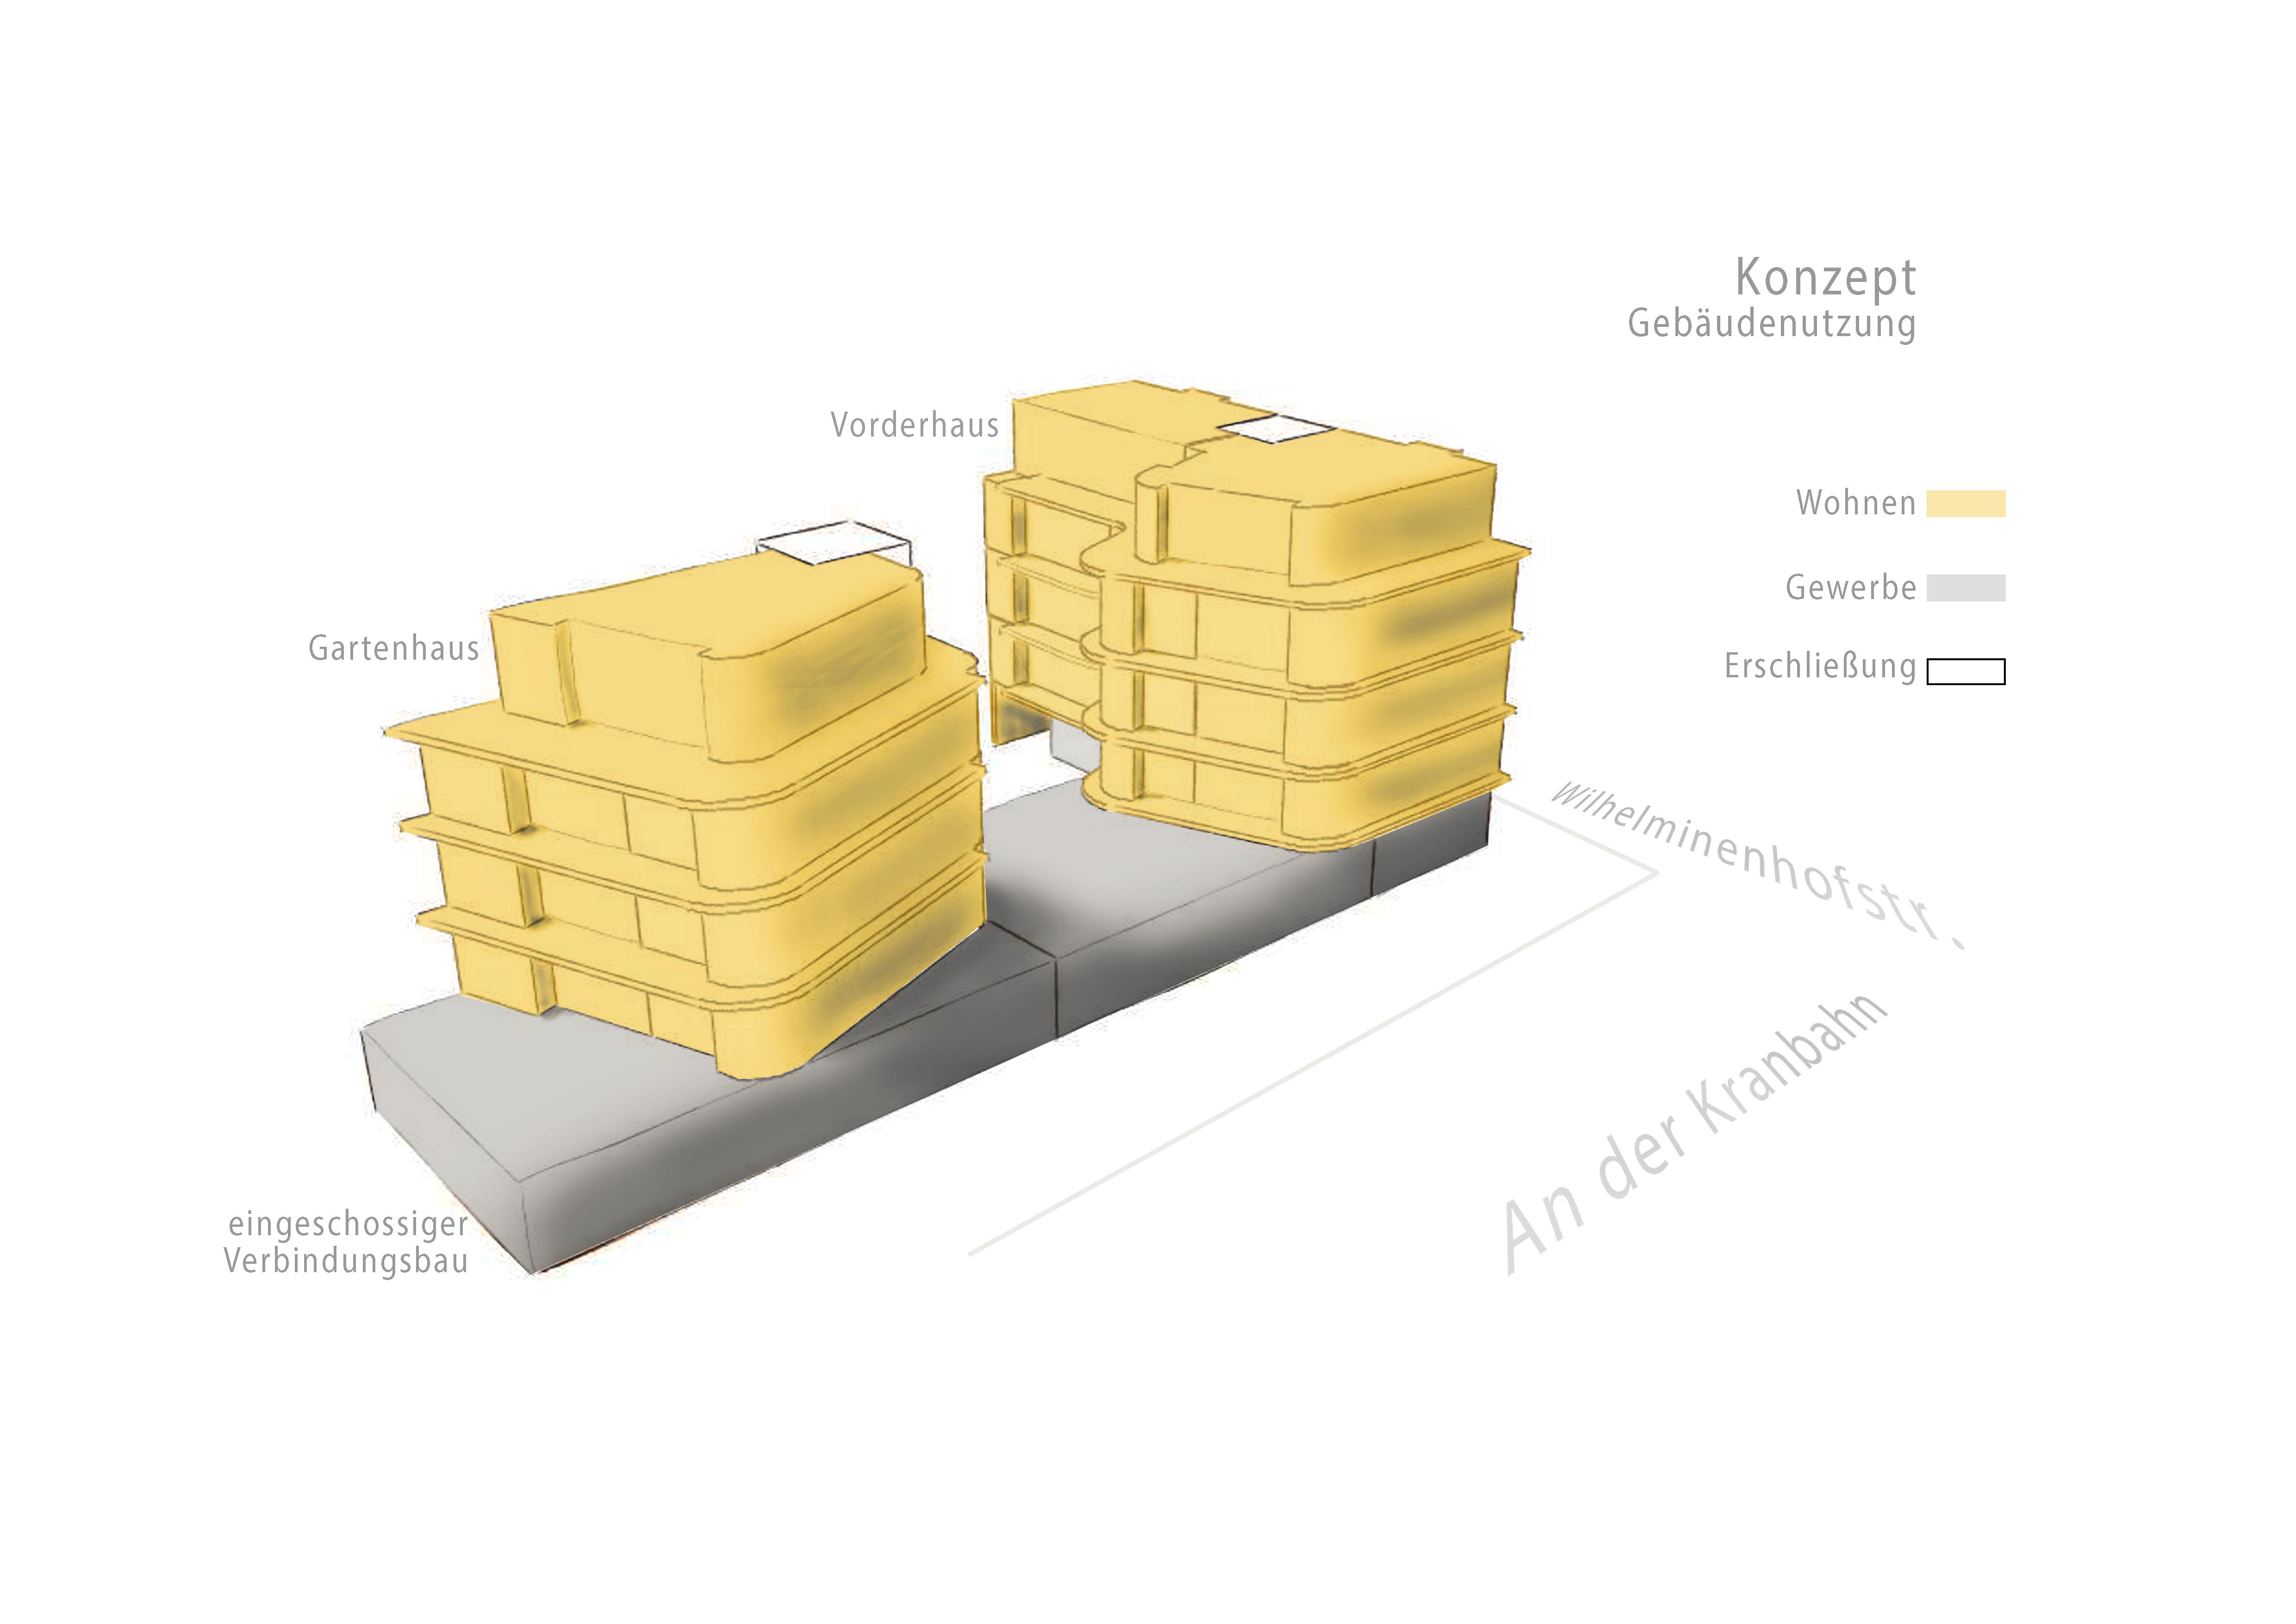 Konzept_Gebäudenutzung